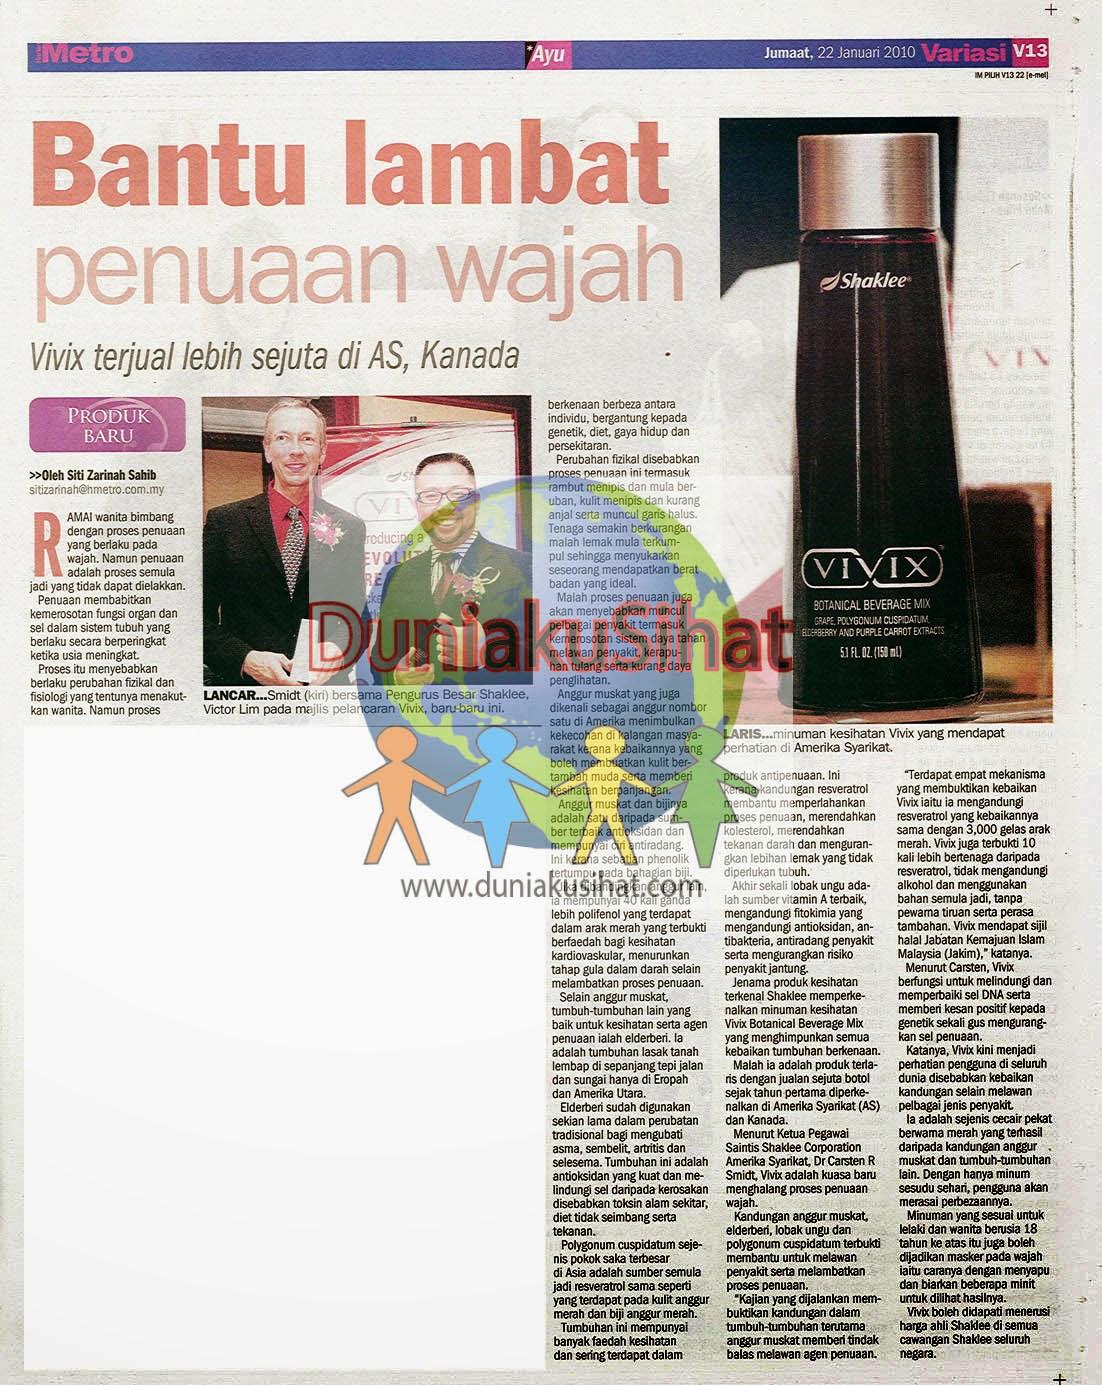 Press Release; Vivix Bantu Lambat Penuaan Wajah